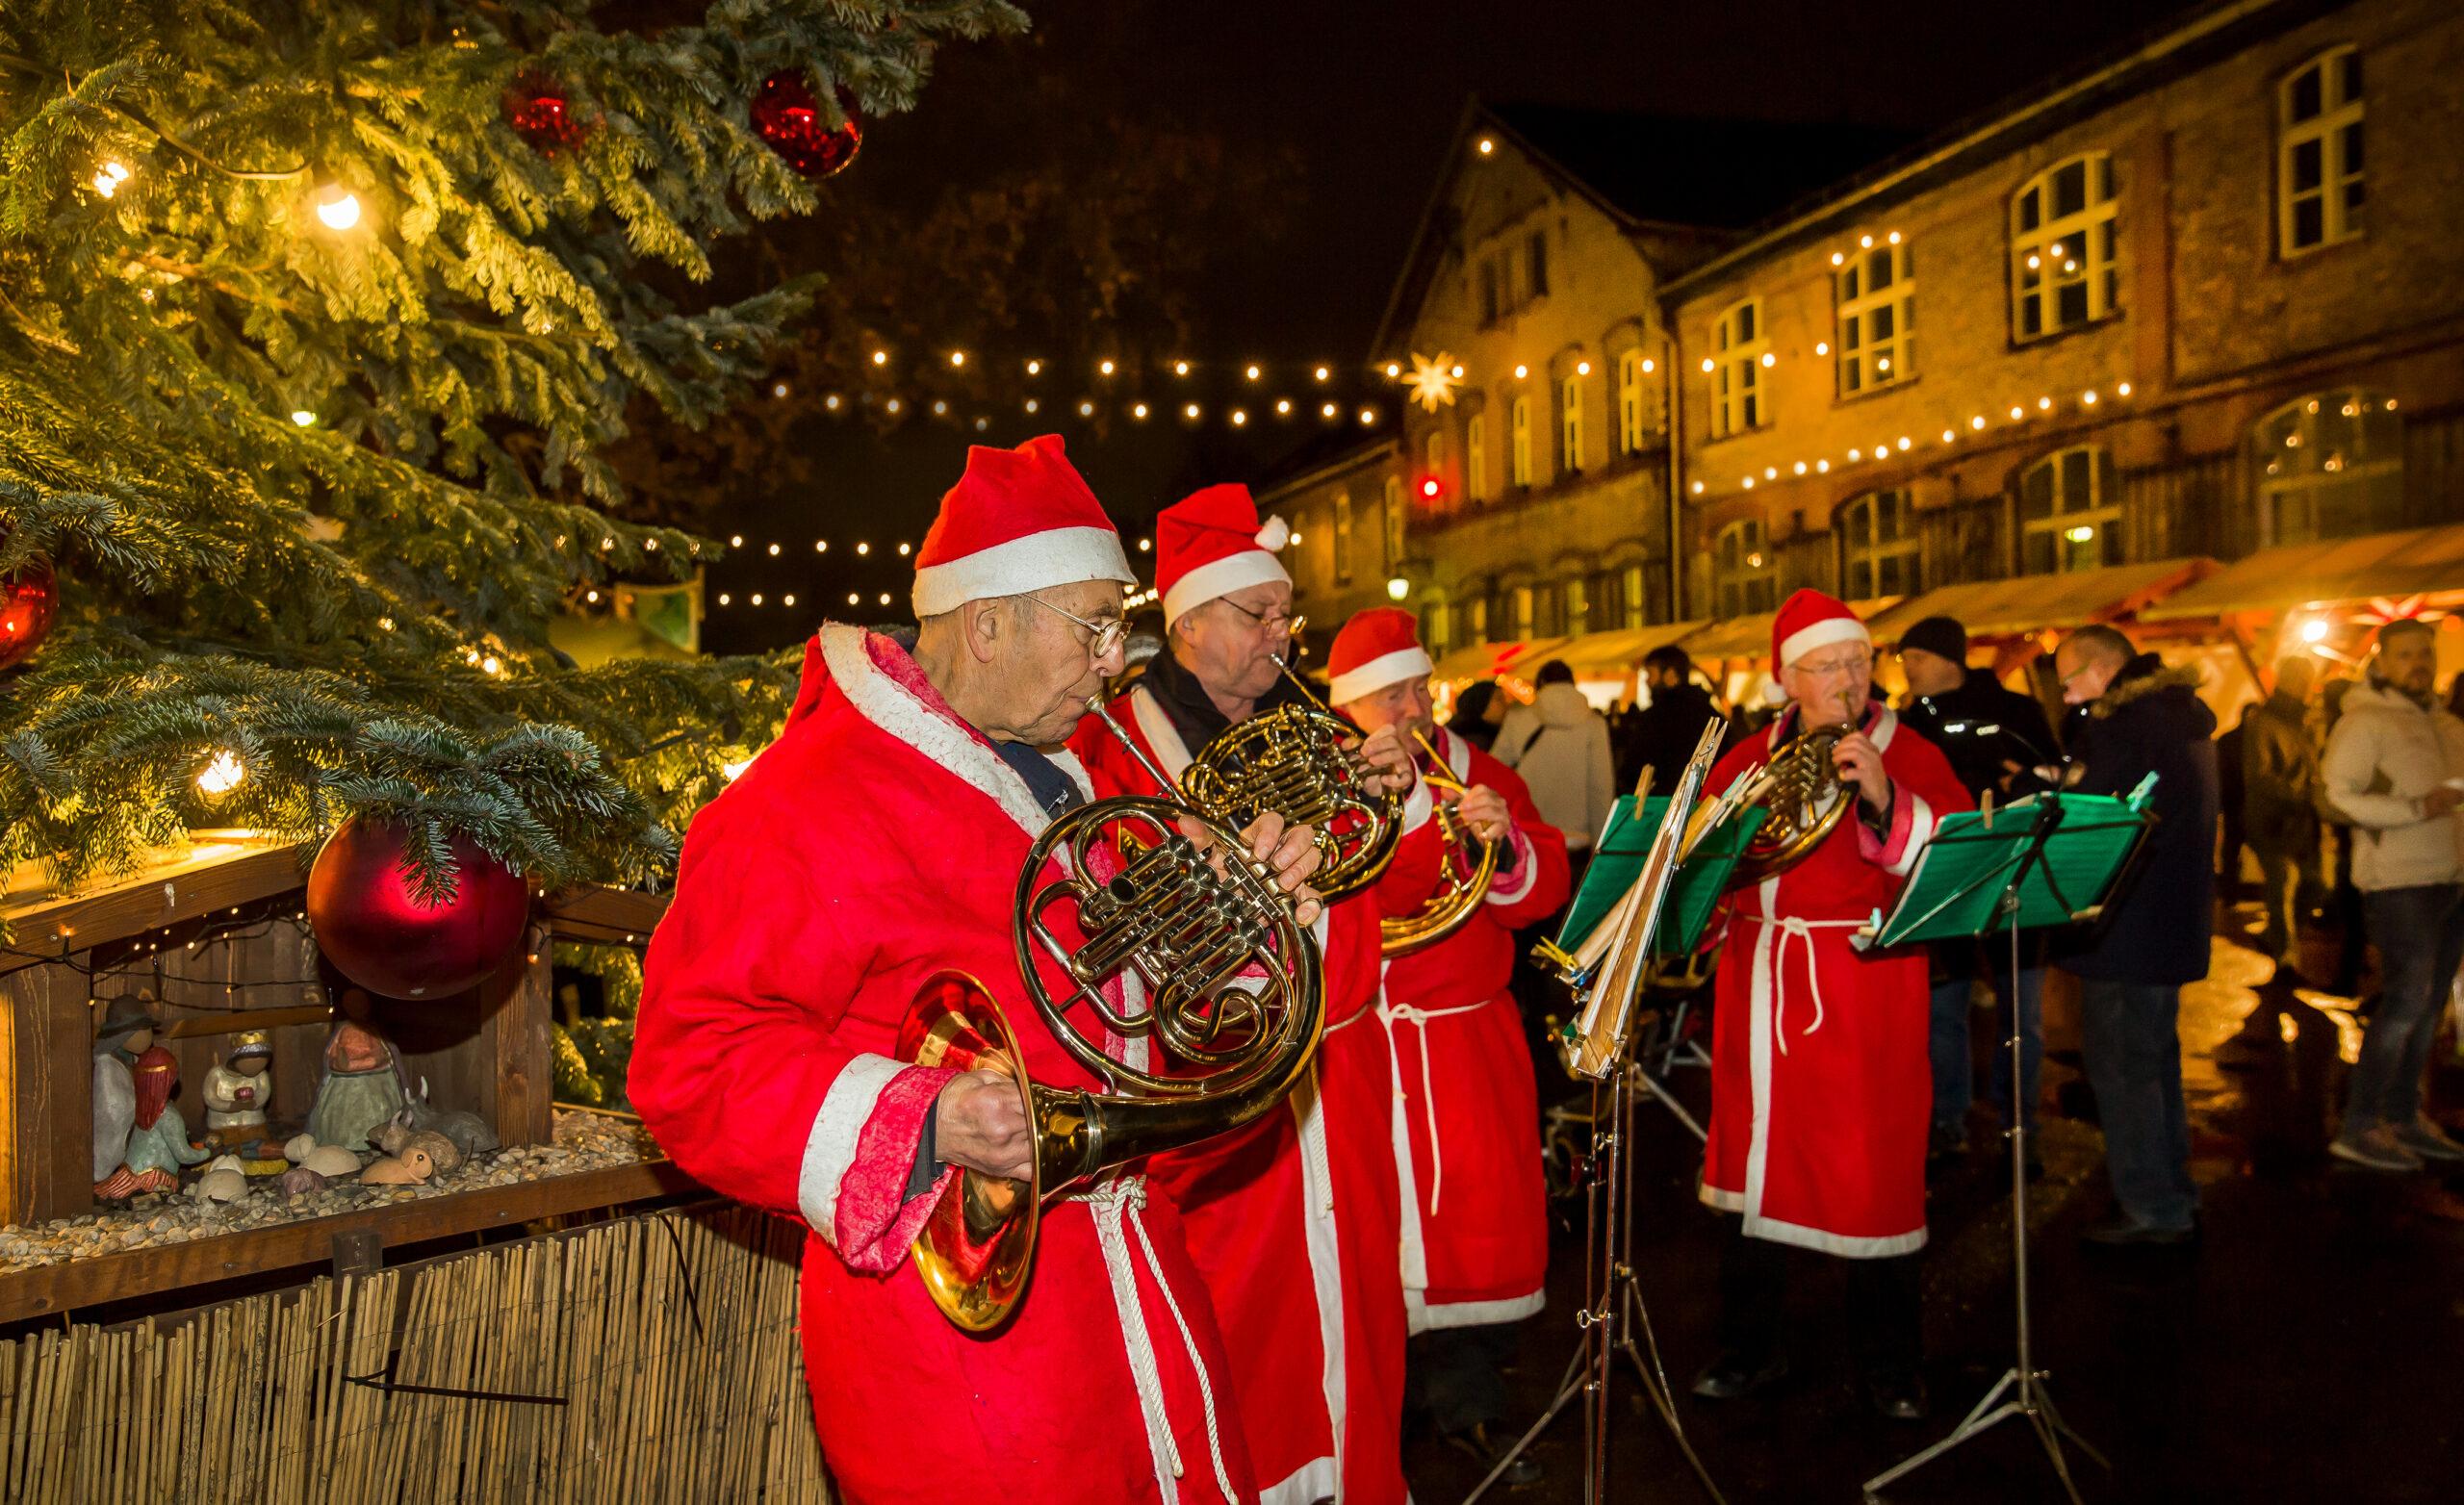 Weihnachtsmänner-Hornquartett auf dem historischen Hof der Baumschulen Späth